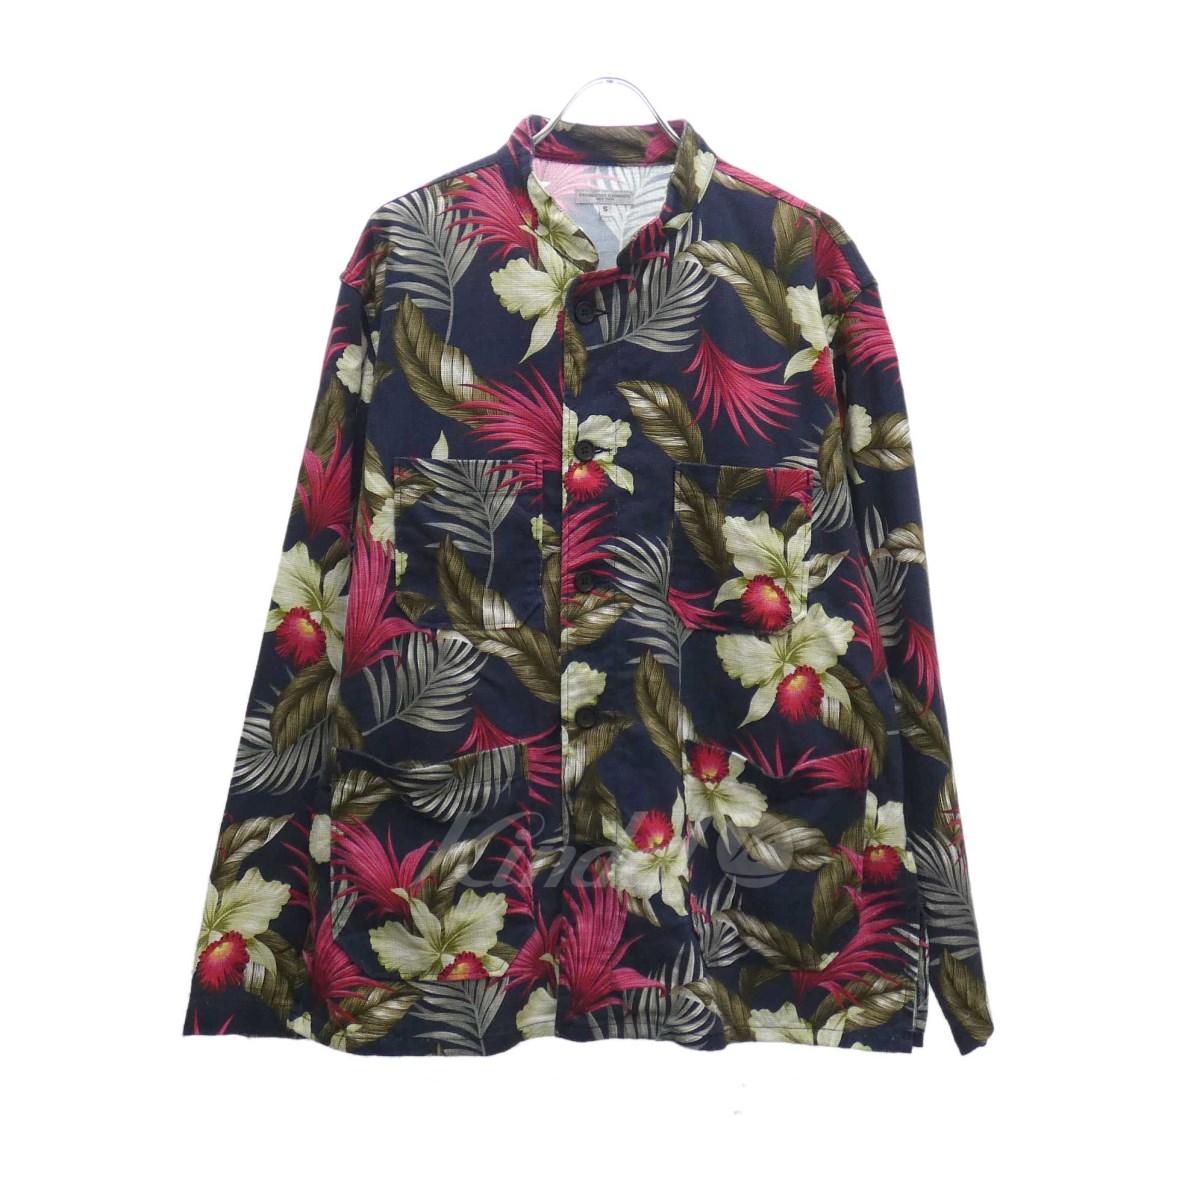 【中古】Engineered Garments Hawaiian Floral Java Cloth ジャケット 2019S/S ネイビー×レッド サイズ:S 【190220】(エンジニアードガーメンツ)